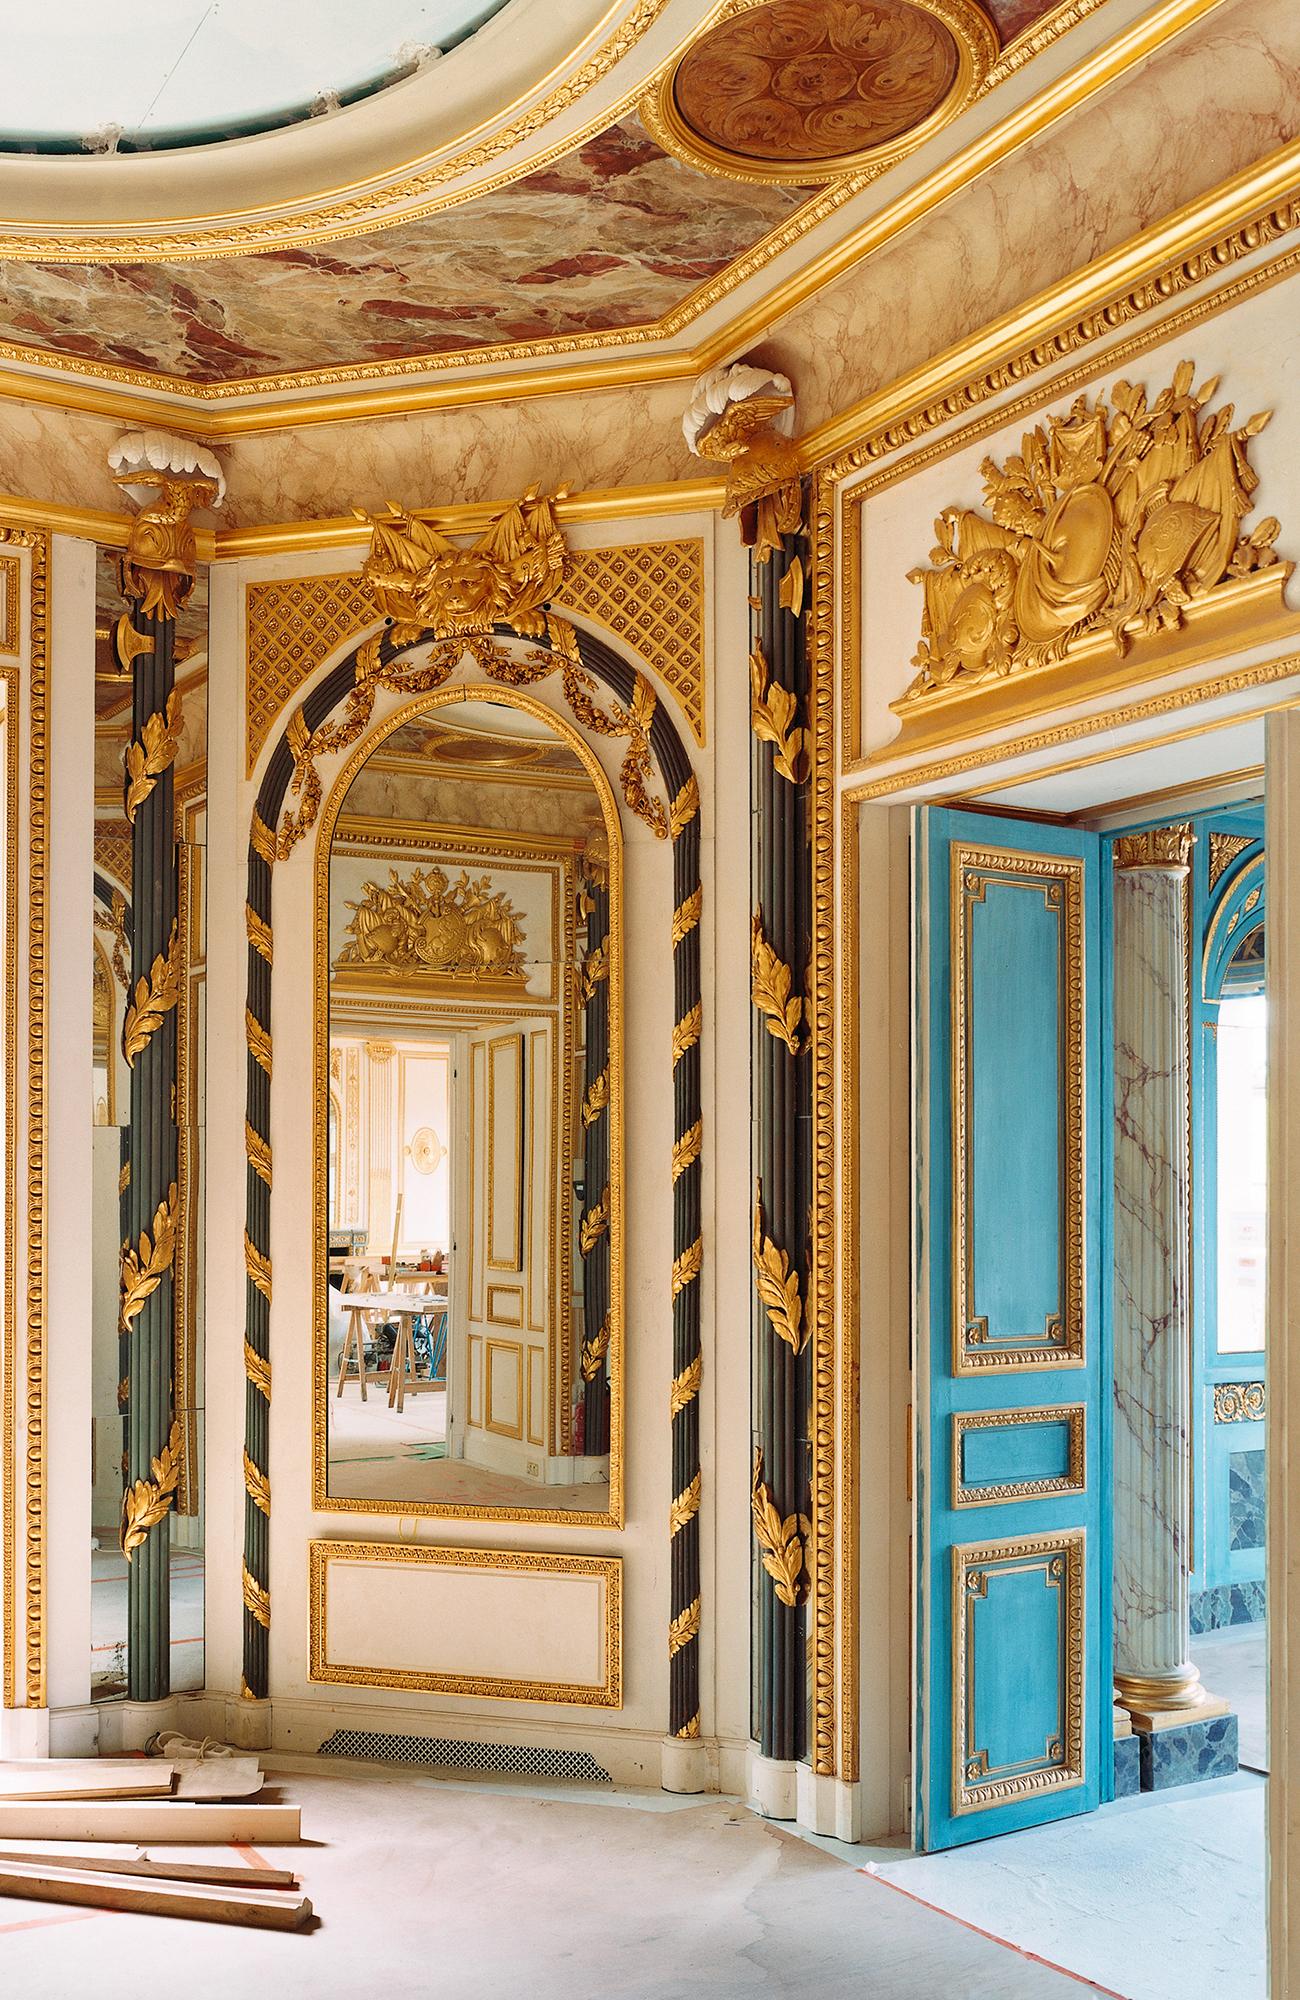 Salon chinoisant, boiserie Régence XVIIIe, bois peint blanc et or, provenance Place Vendôme, collection Féau